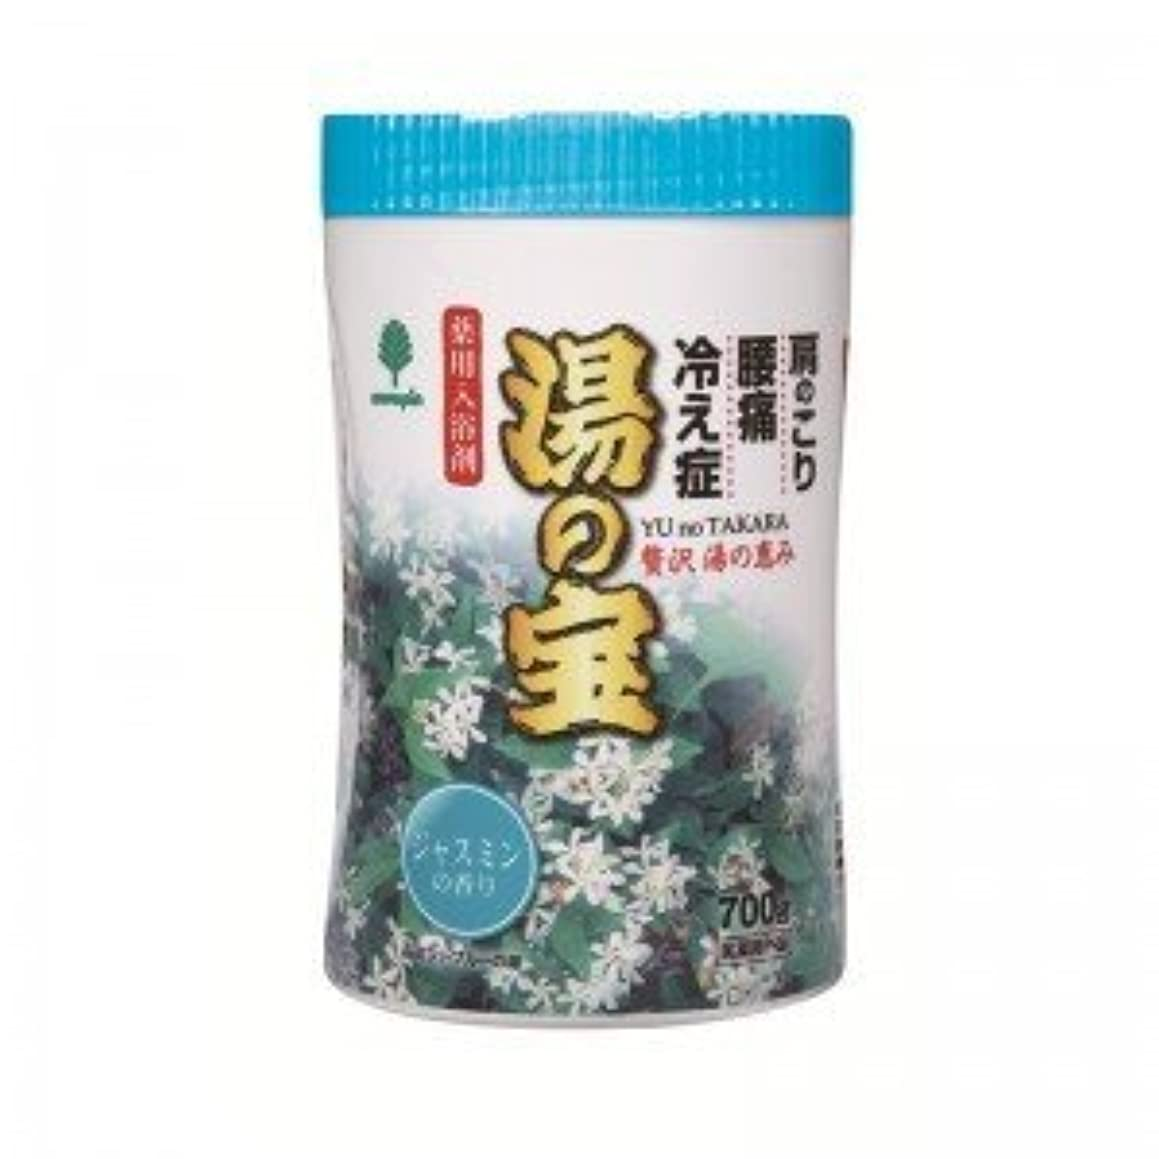 組み込む学部ブラジャー紀陽除虫菊 湯の宝 ジャスミンの香り (丸ボトル) 700g【まとめ買い15個セット】 N-0067